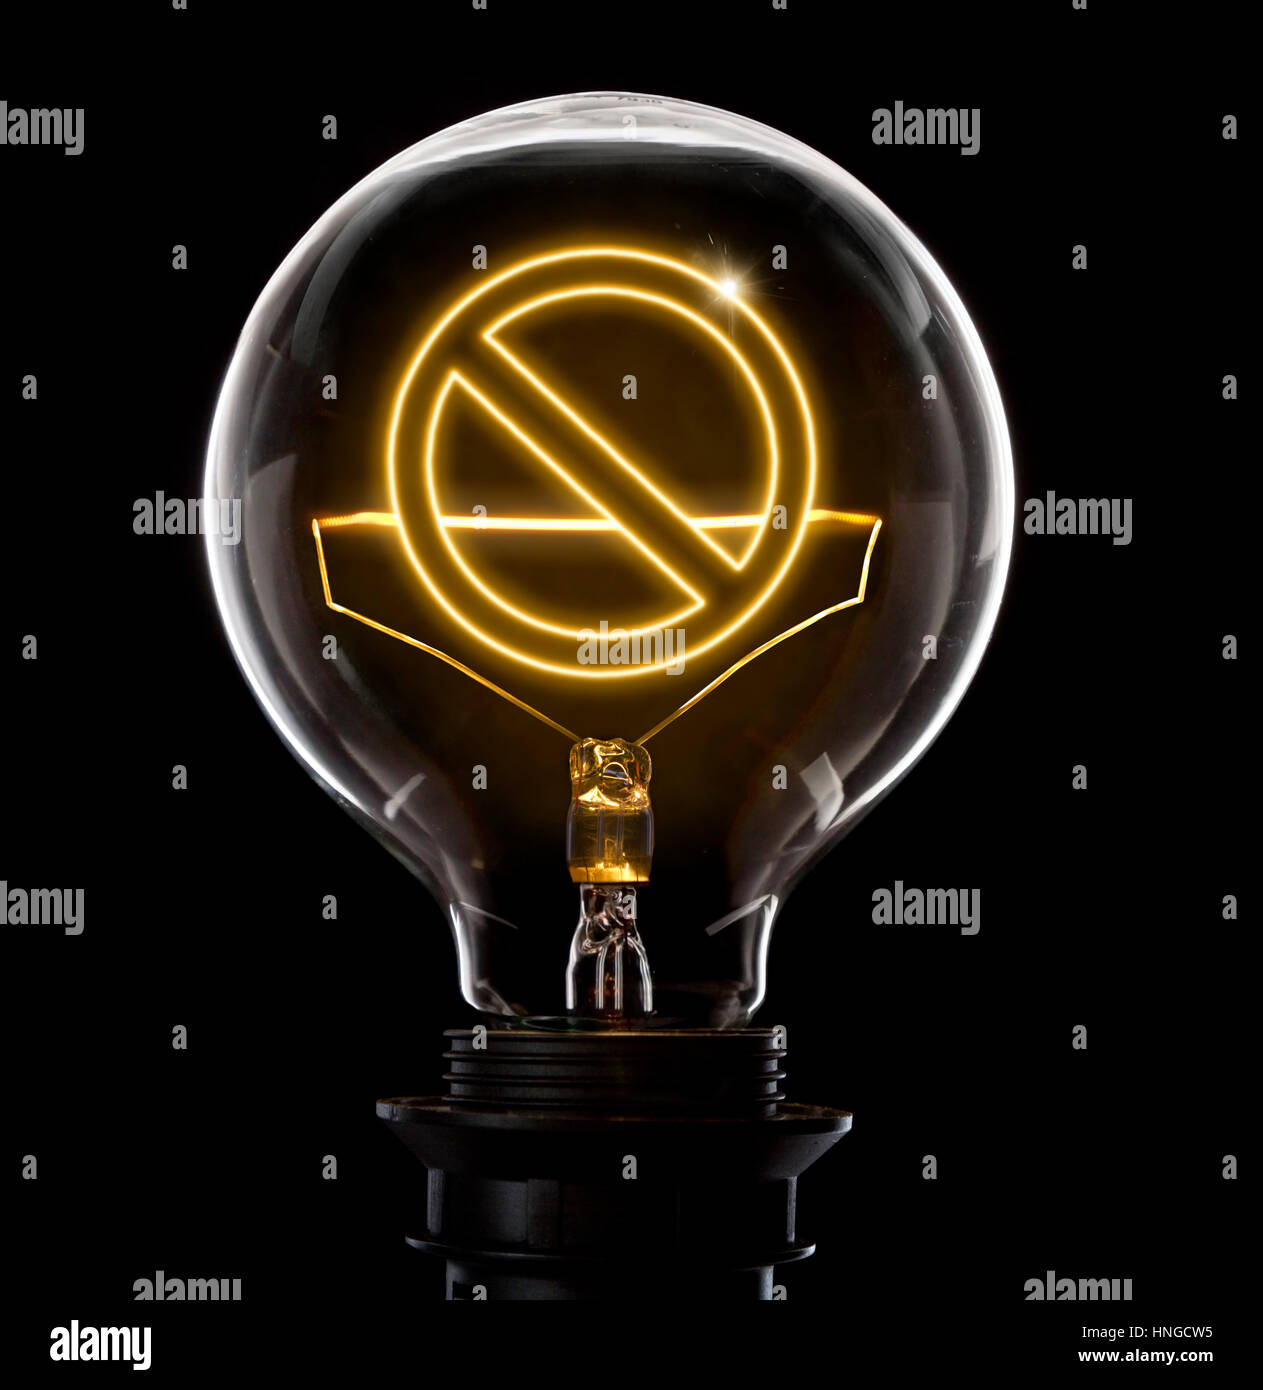 Ausgezeichnet Elektrisches Symbol Für Draht Galerie - Der Schaltplan ...